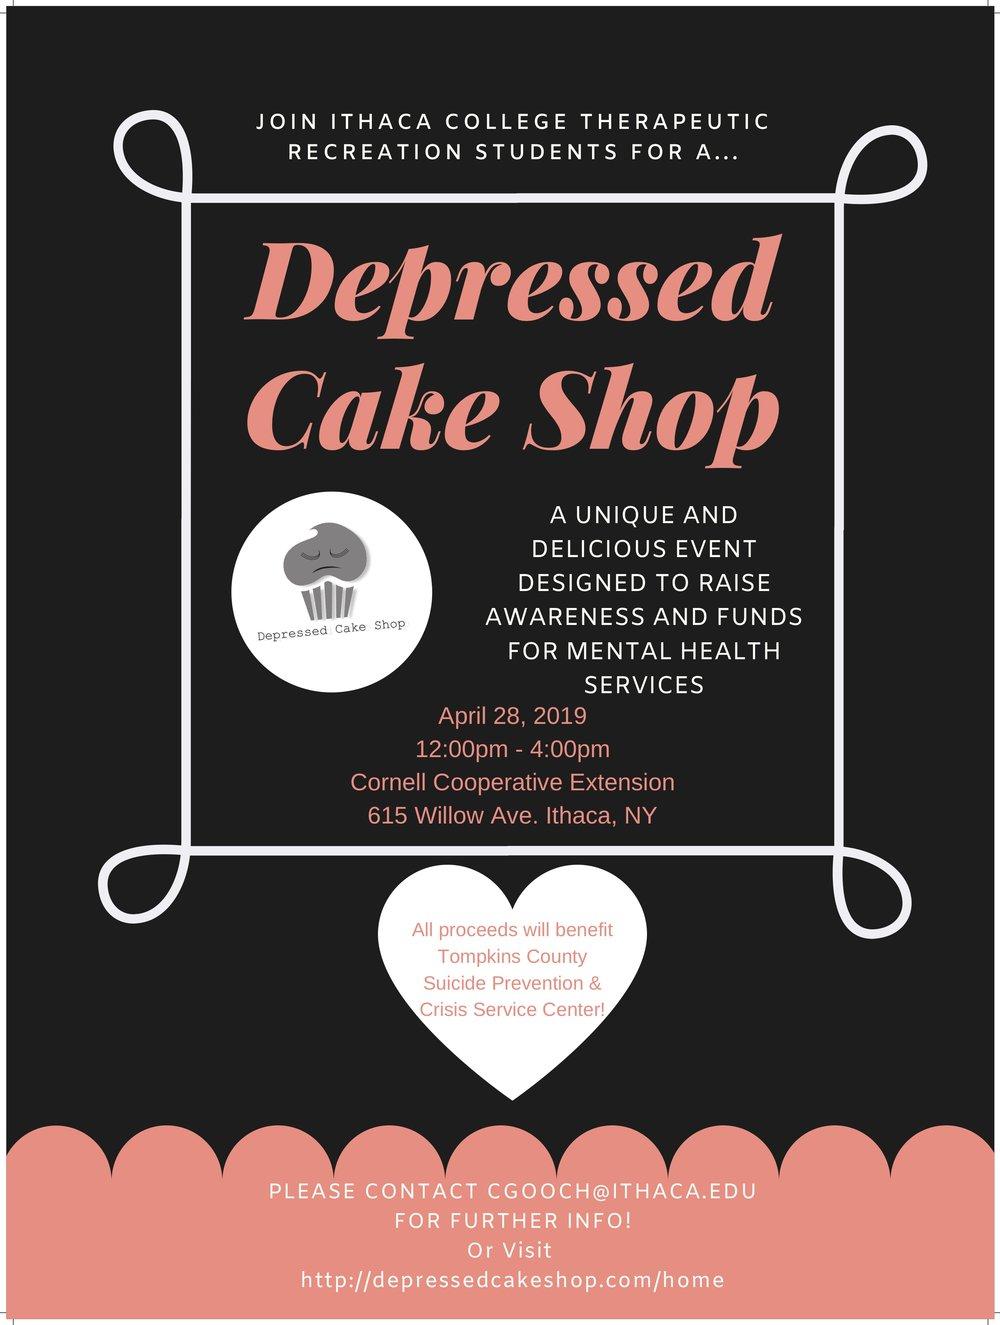 Depressed Cake Shop Flier Ithaca jpeg.jpg